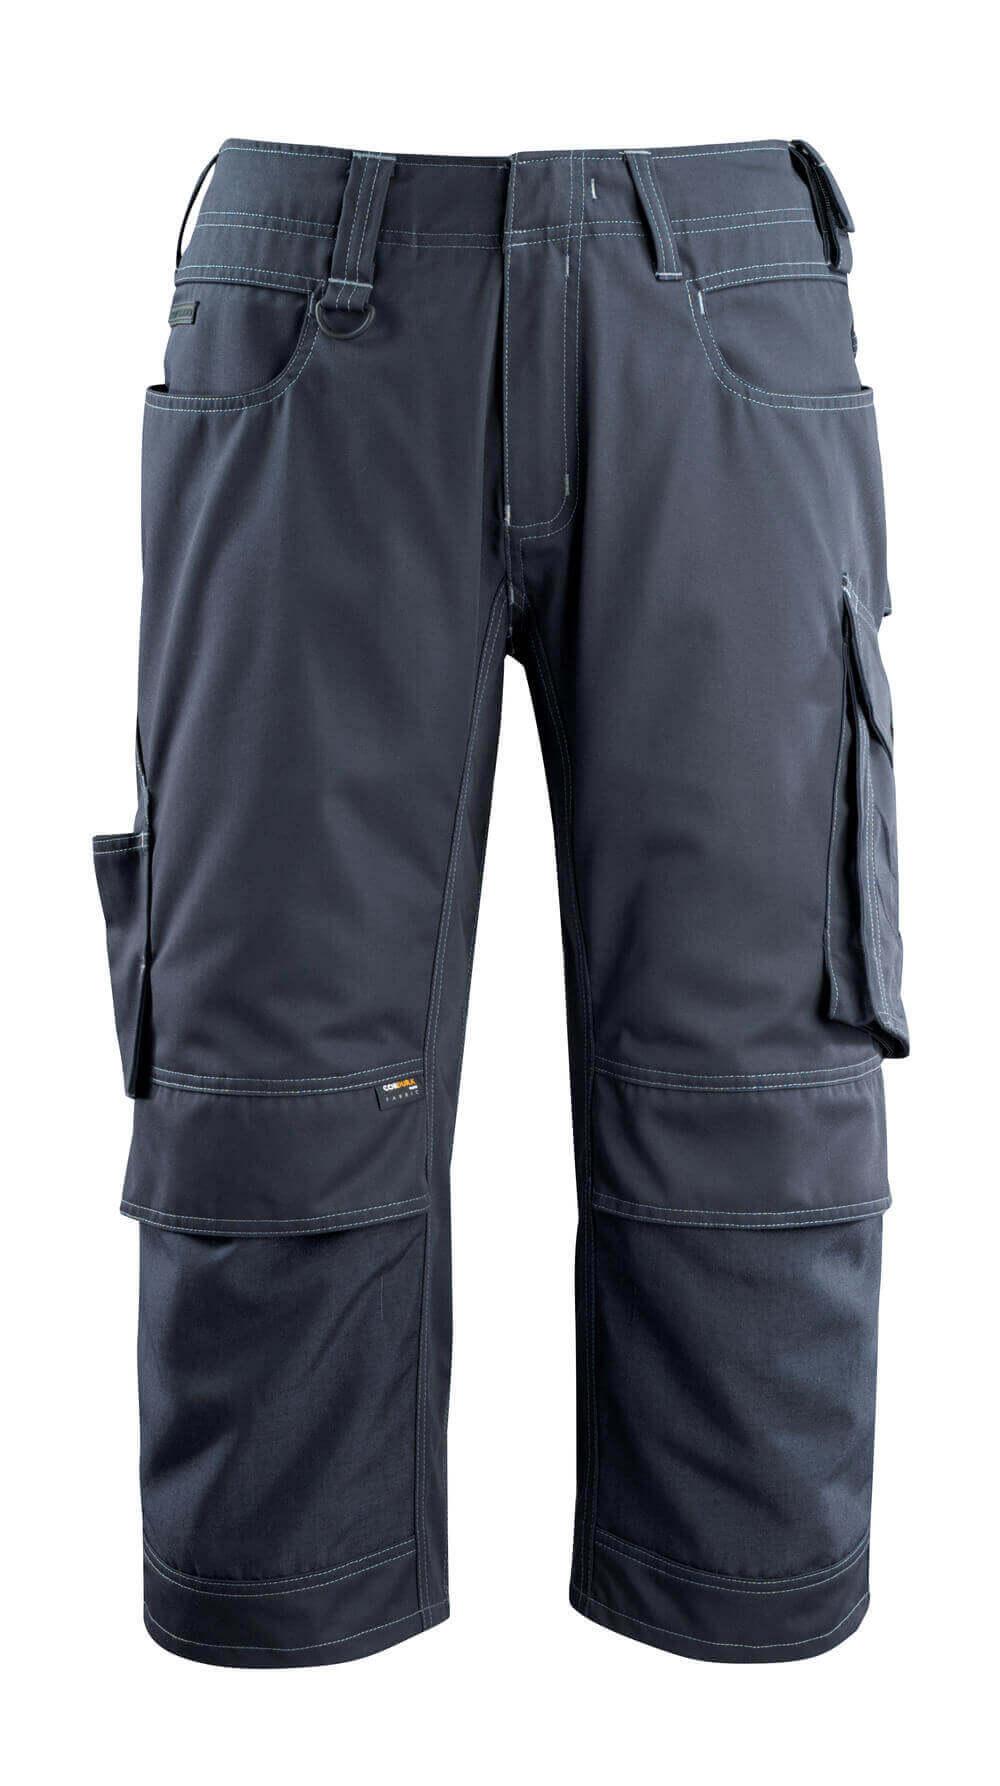 14249-442-010 ¾ Lunghezza Pantaloni con tasche porta-ginocchiere - blu navy scuro